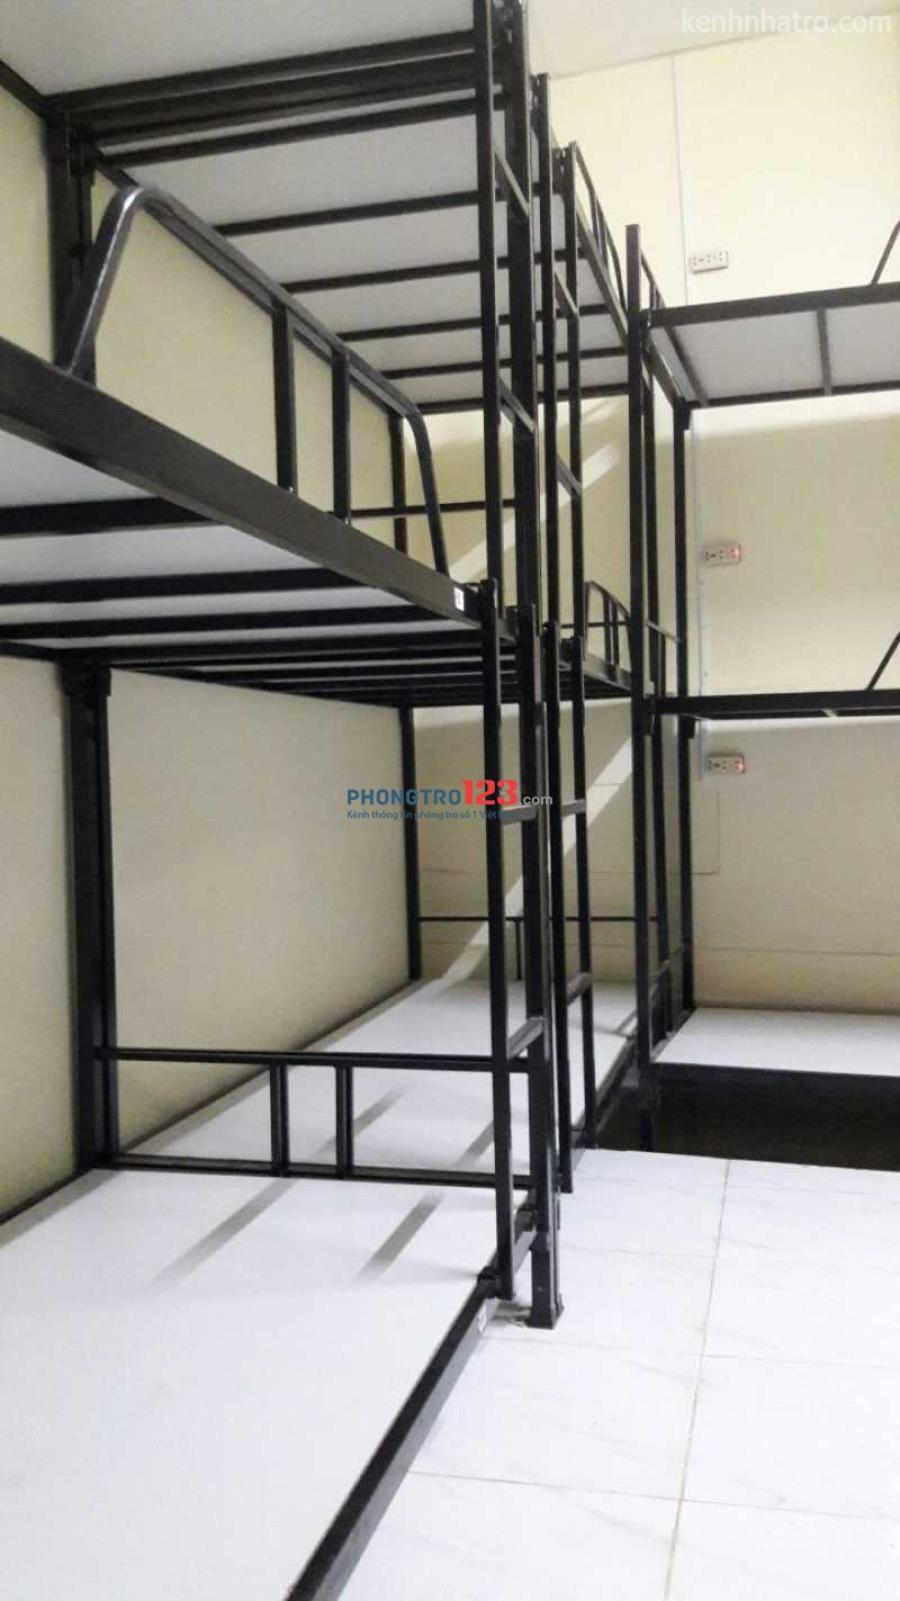 Cho thuê phòng KTX cao cấp giá 500k/tháng tại Q.7